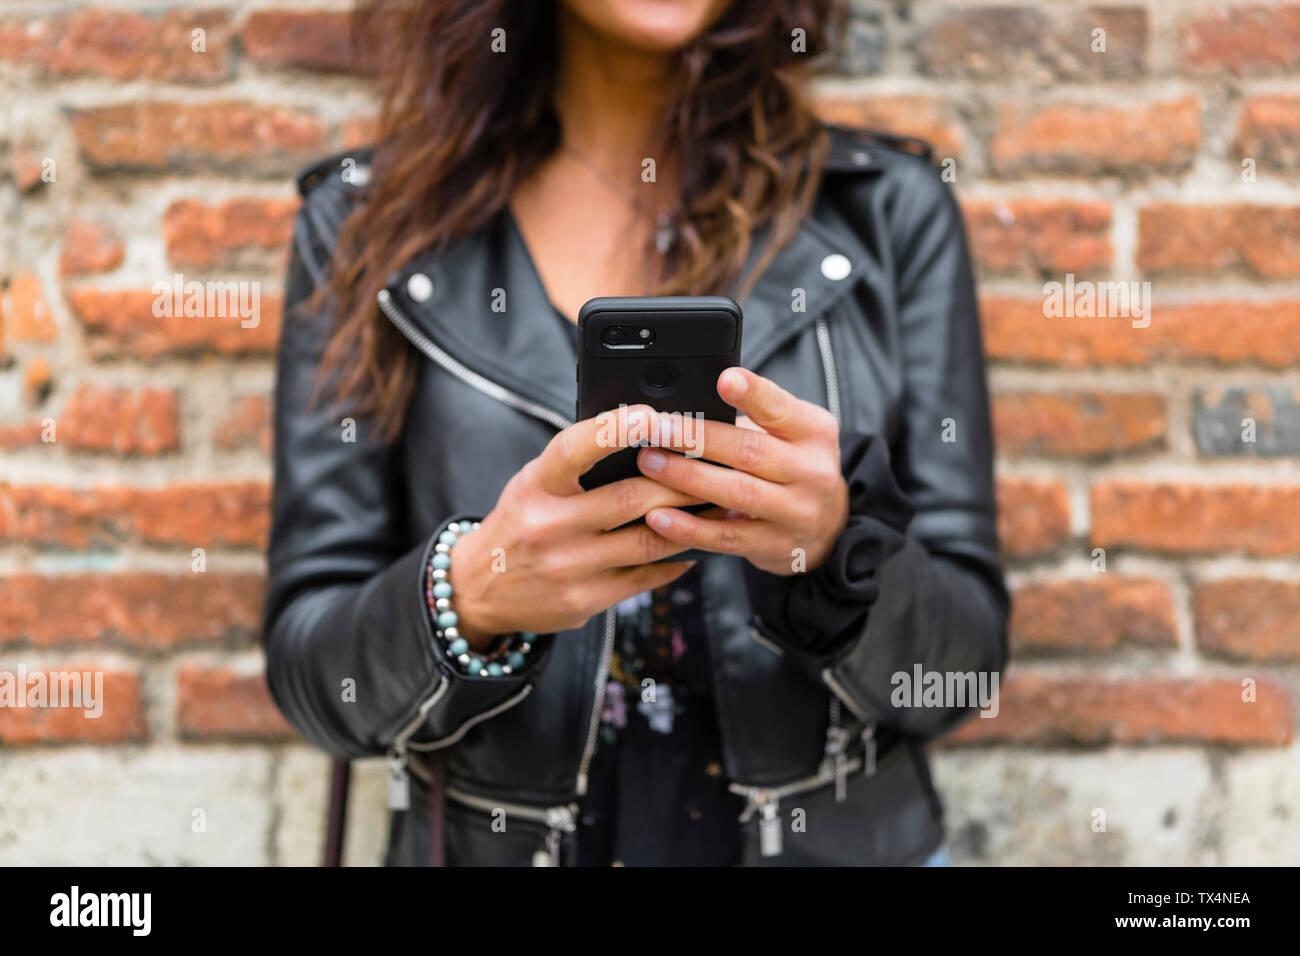 Jeune femme portant veste en cuir noire, en utilisant smartphone, mur de brique à l'arrière-plan Banque D'Images